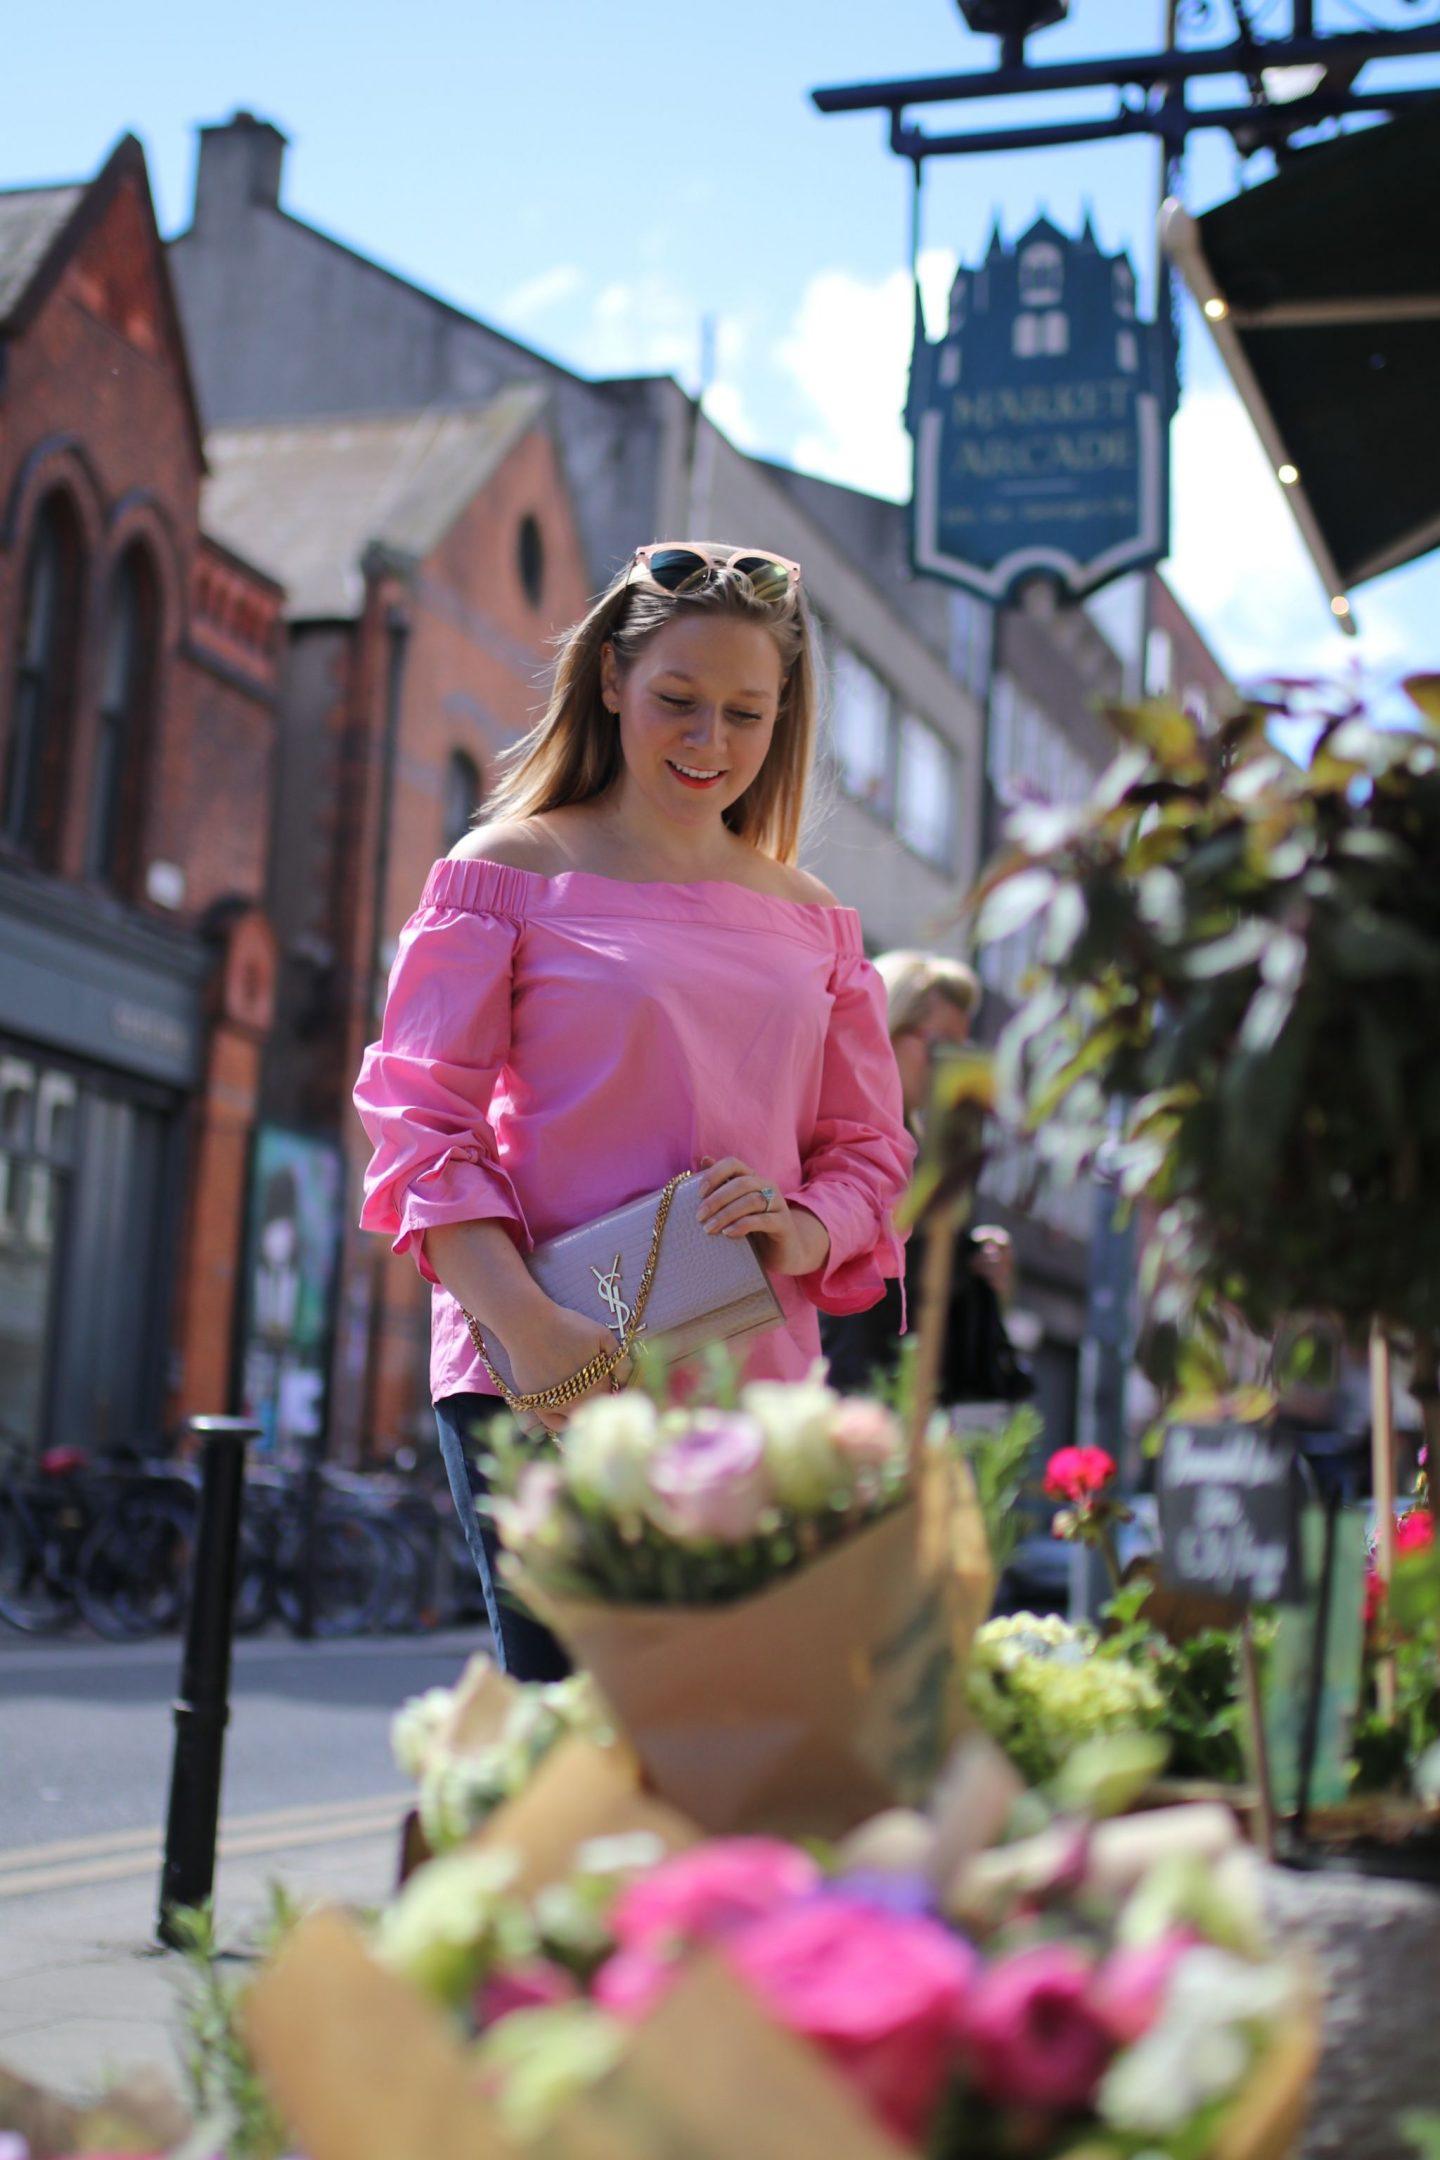 A City Break in Dublin